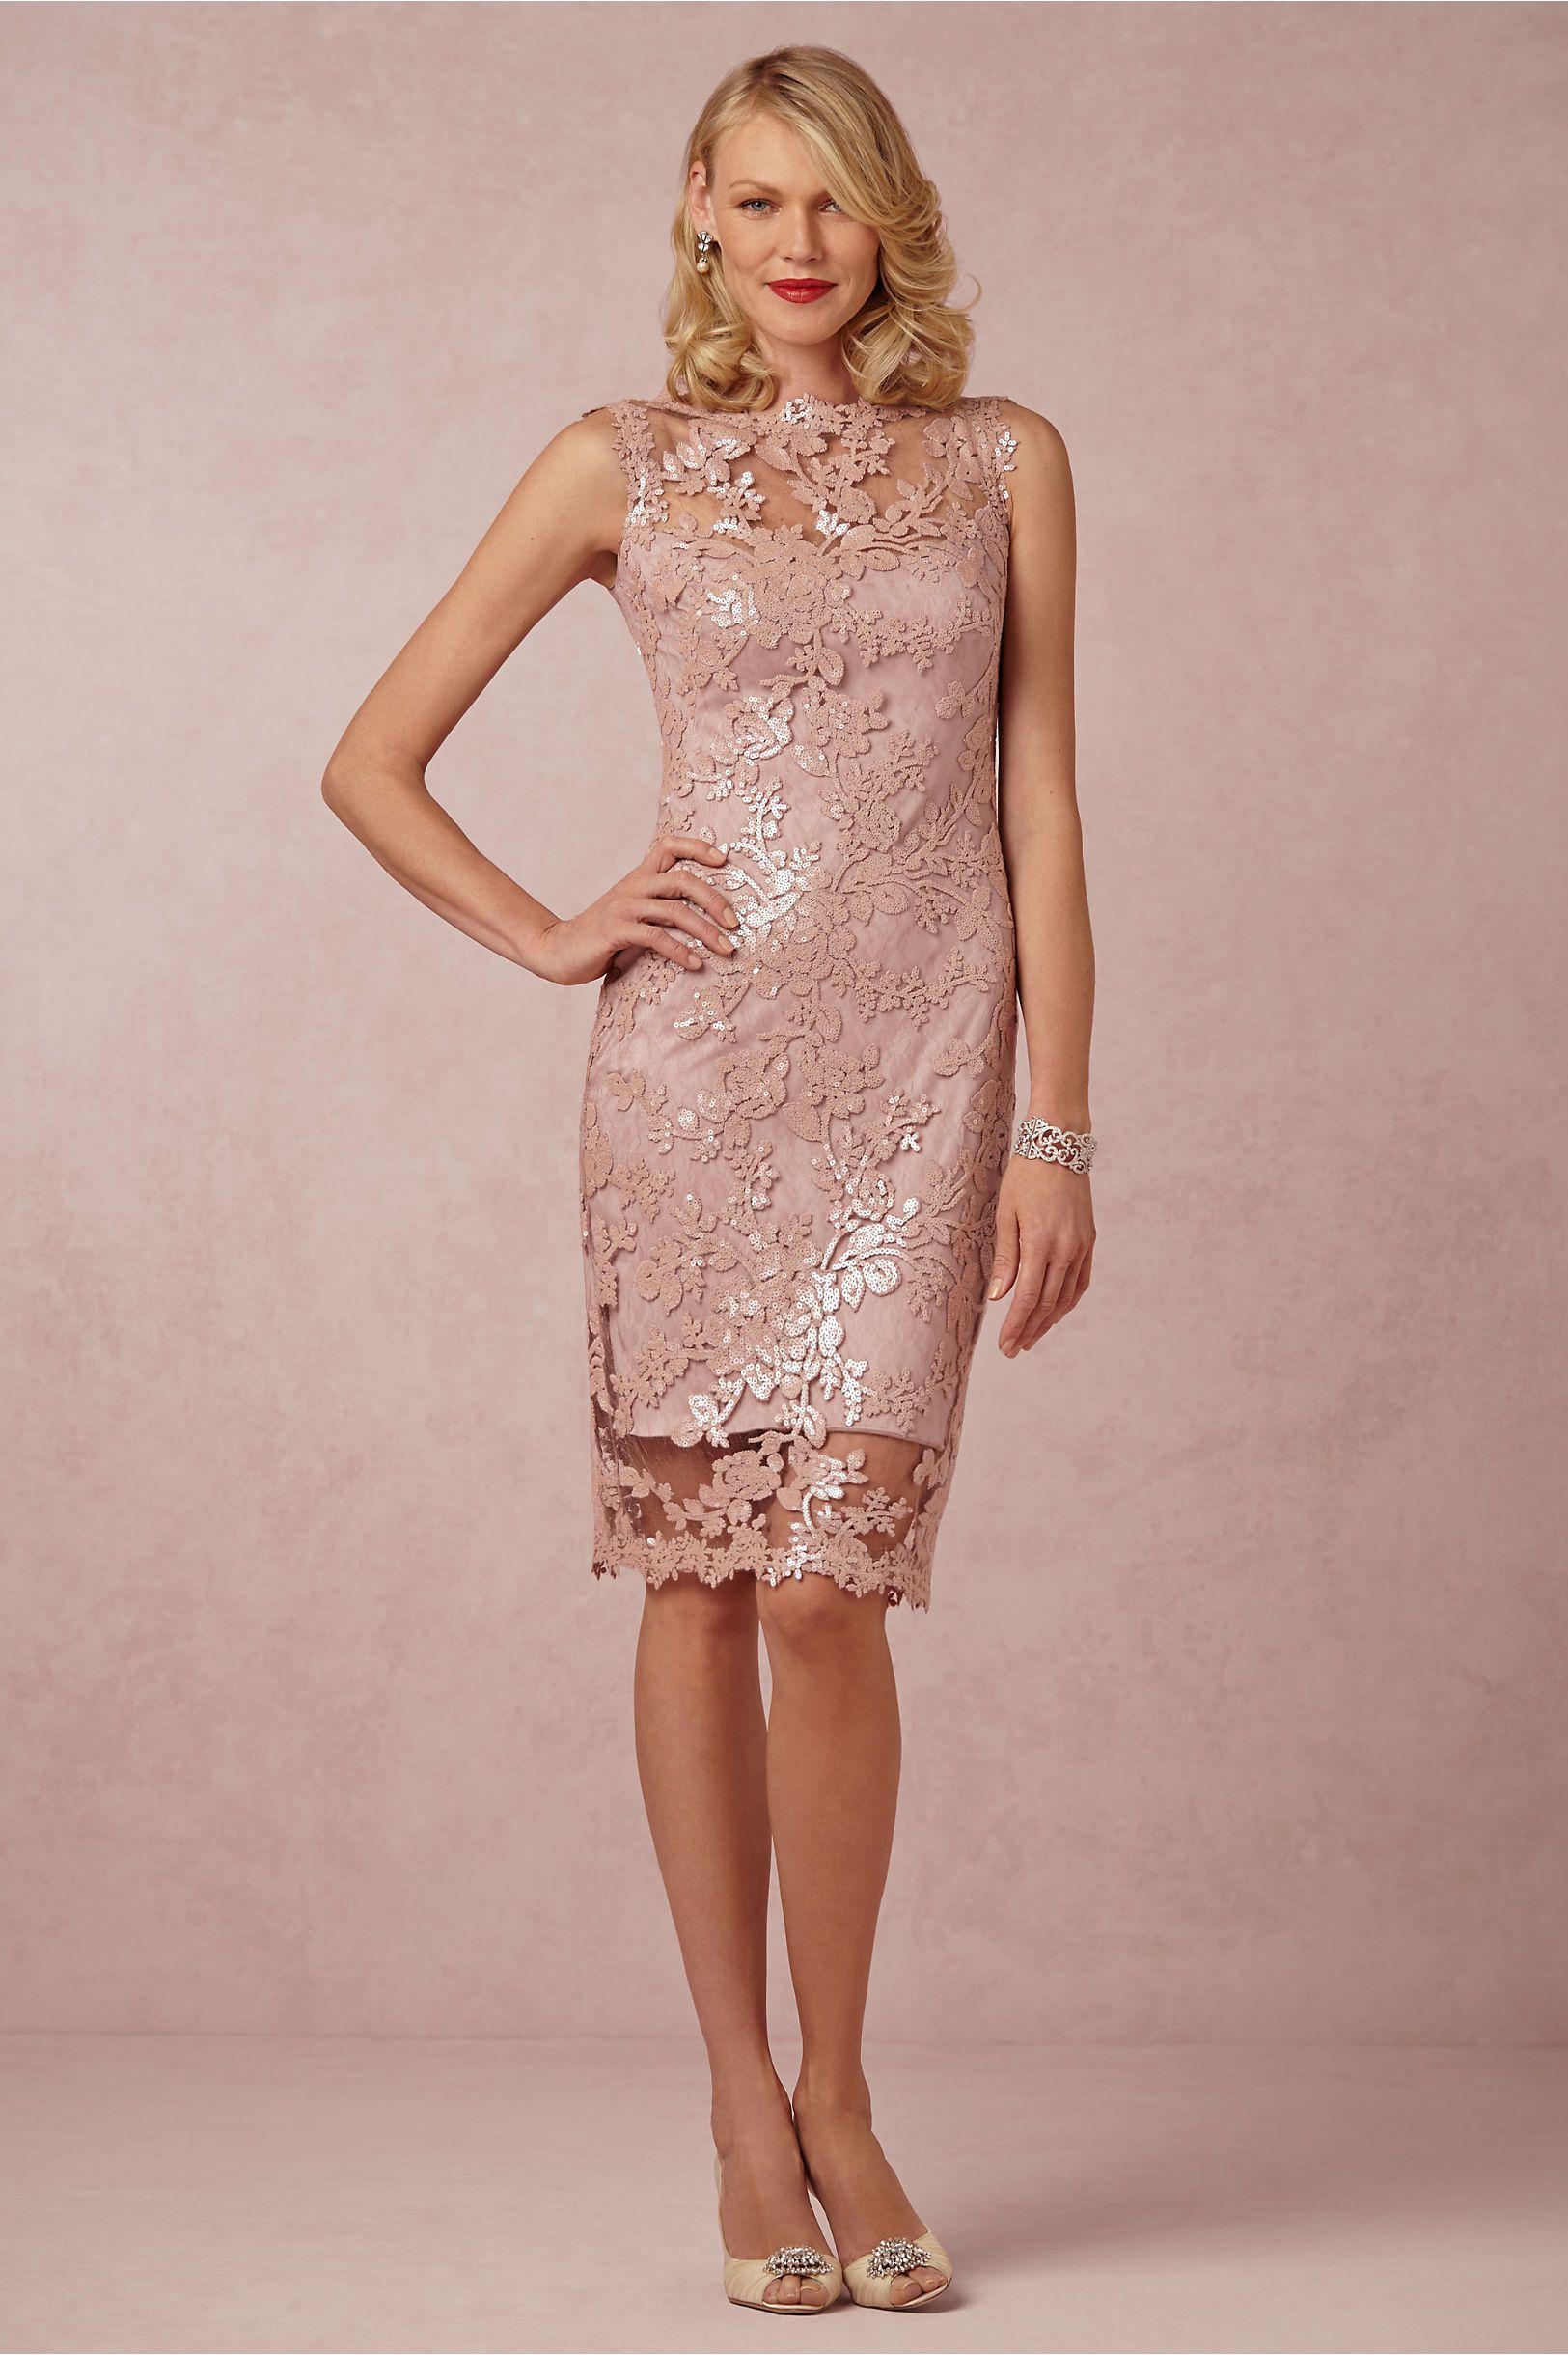 Vestido Rosa con detalles | Vestidos | Pinterest | Vestido rosado ...